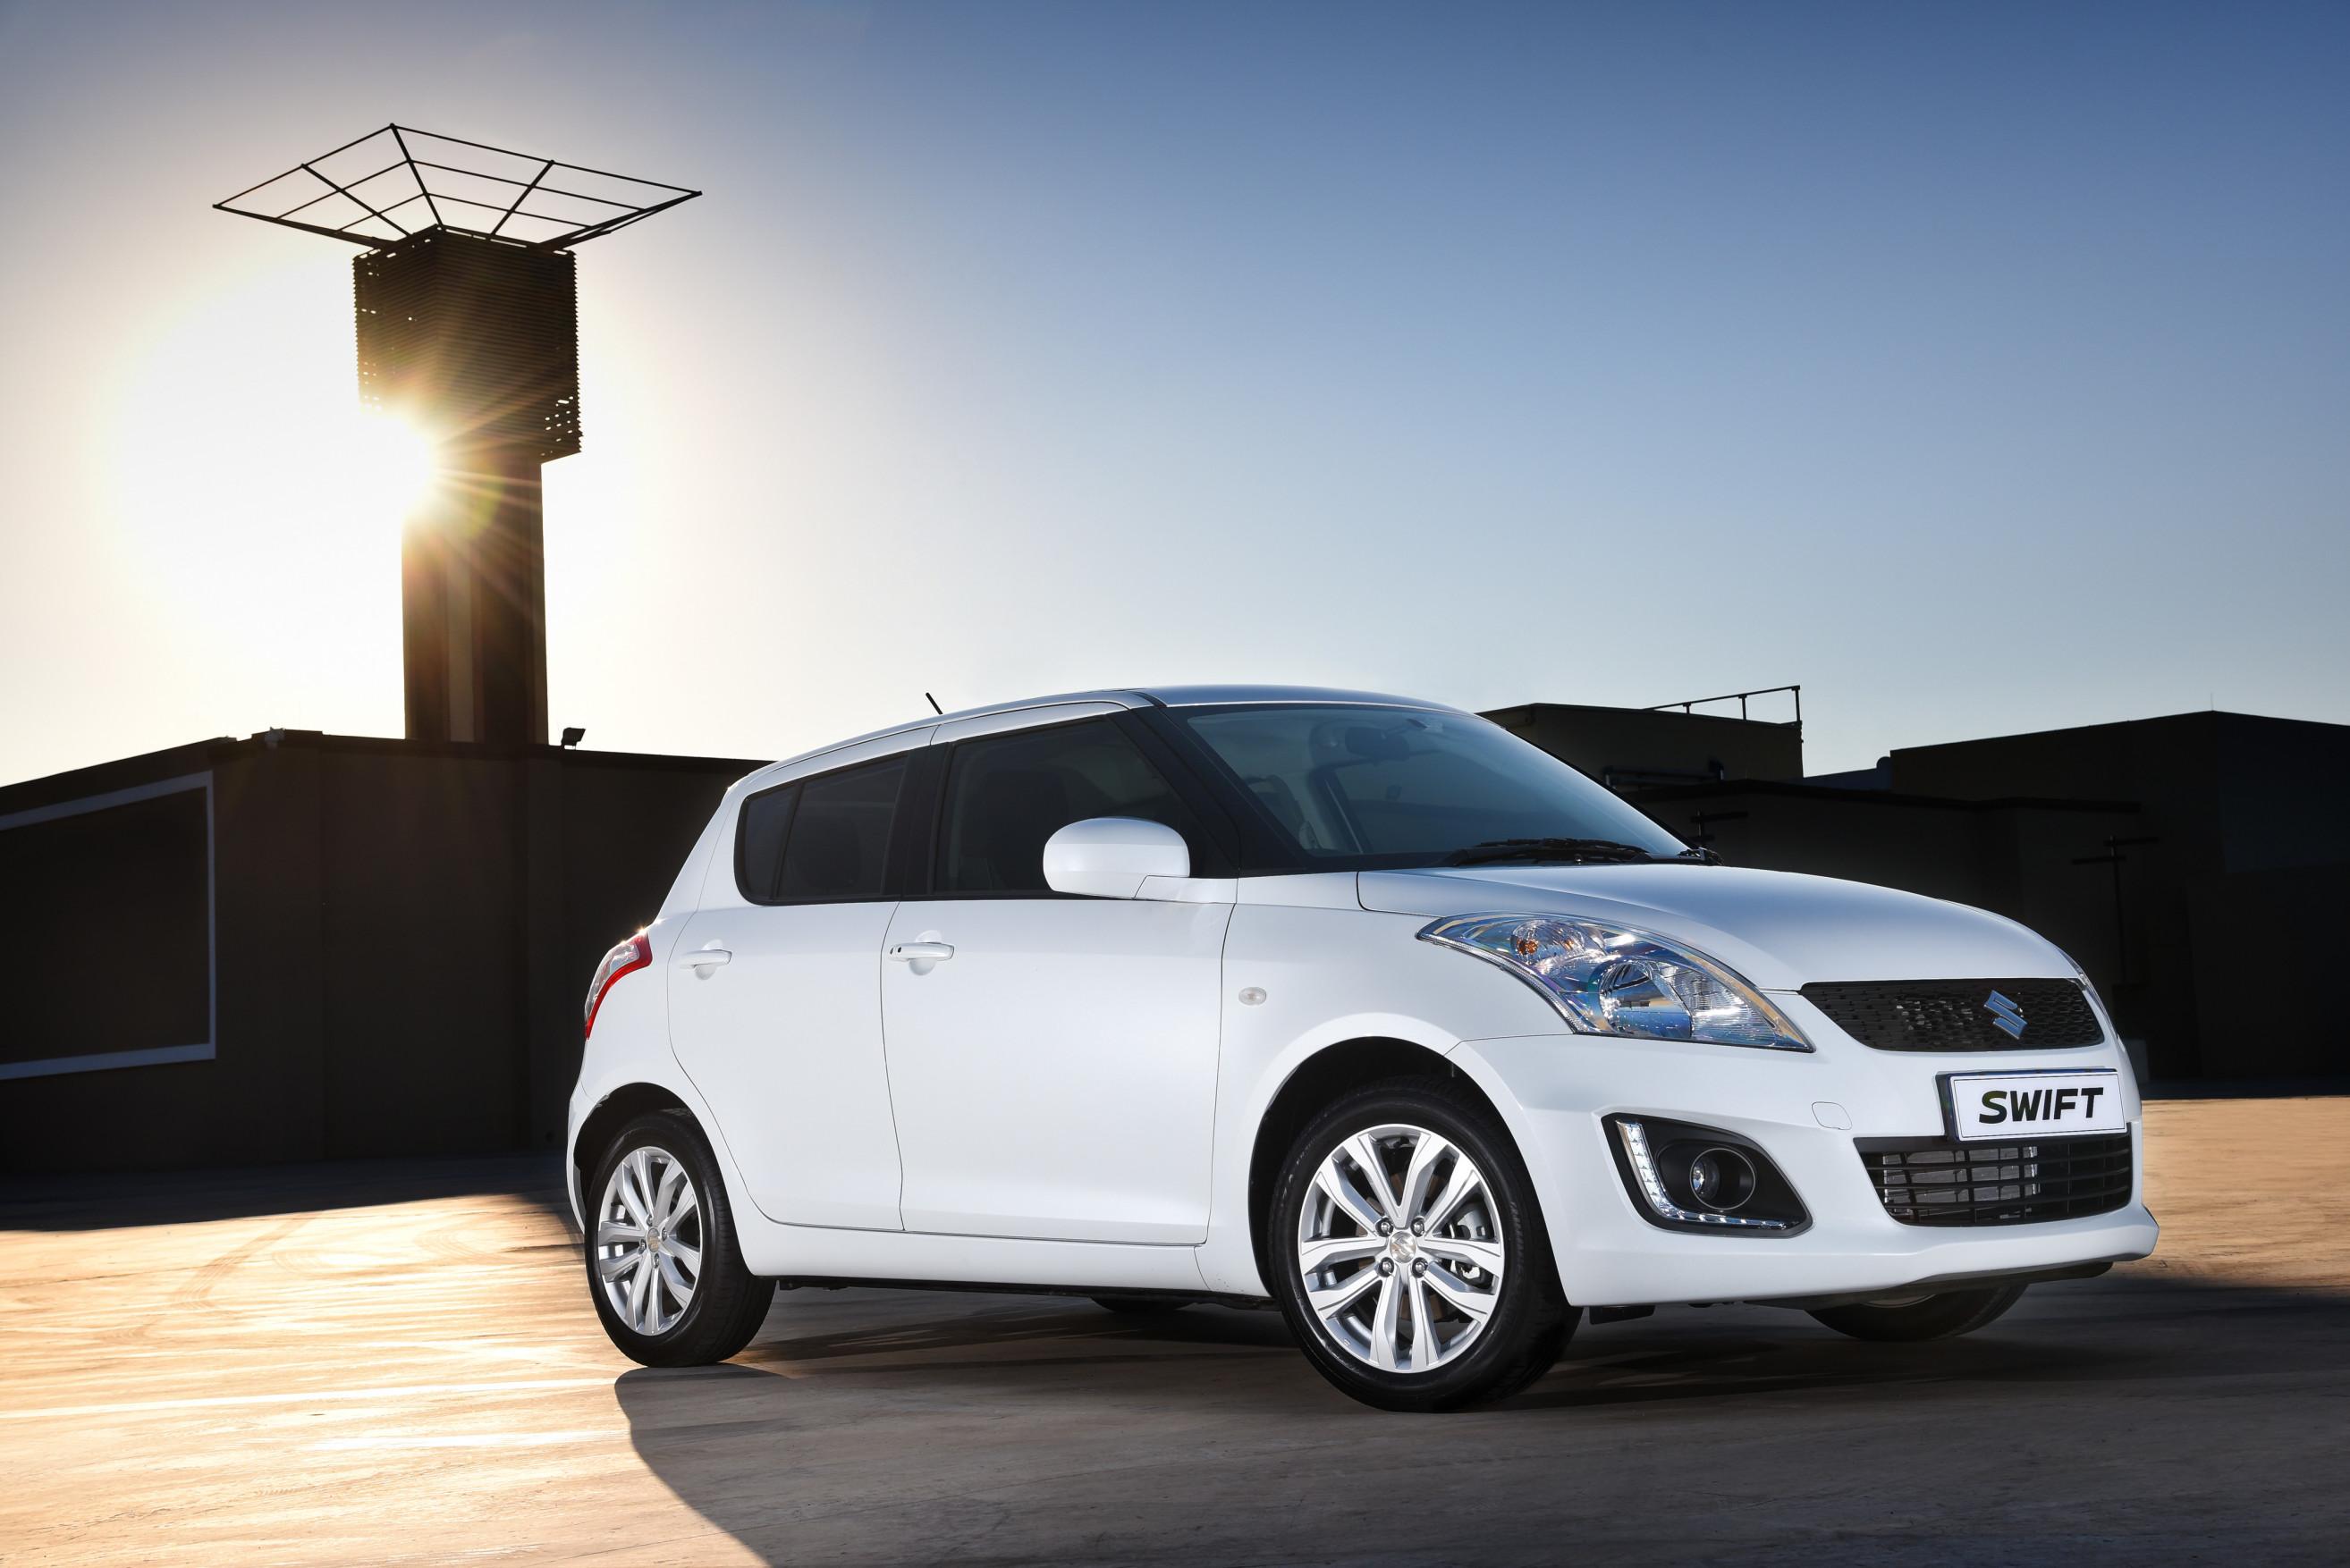 Driven: Suzuki Swift 1.4 GLS